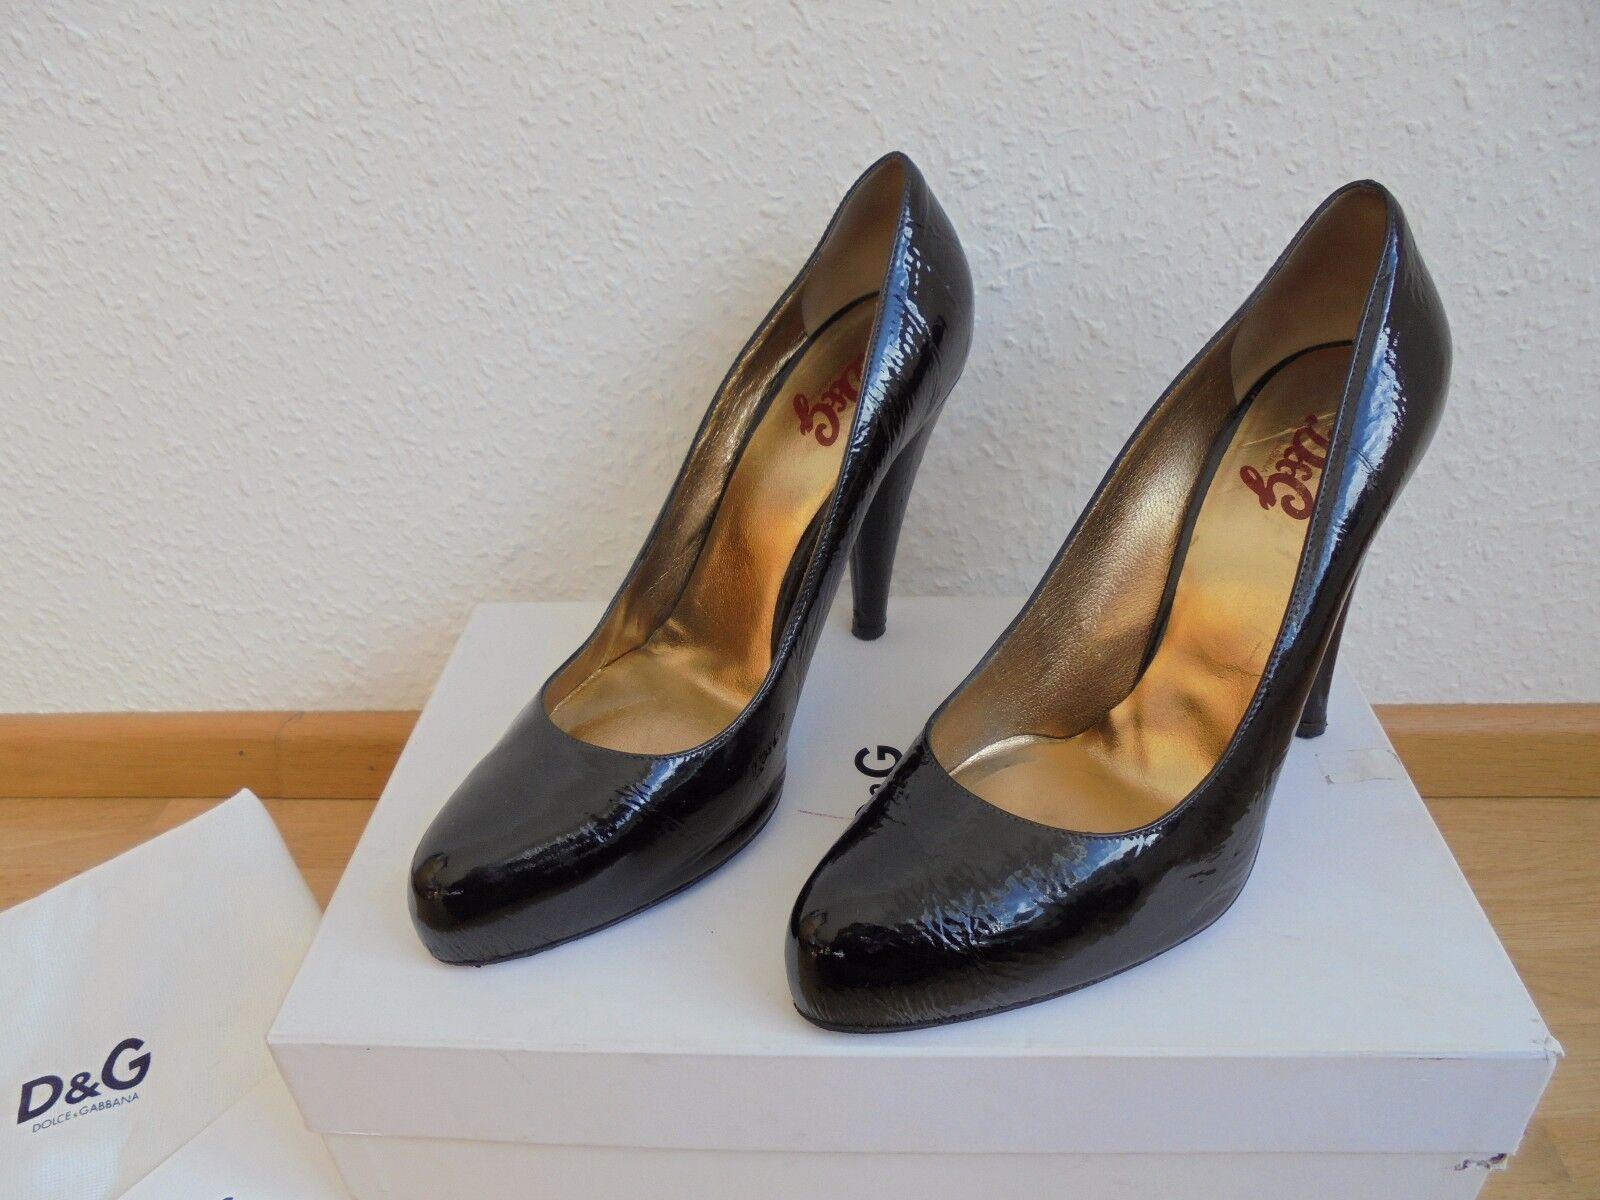 Dolce&Gabbana D&G Lackleder Plateau High Heels NP:  + OVP D&G Dolce&Gabbana Schuhe 39 39,5 40 dd092b